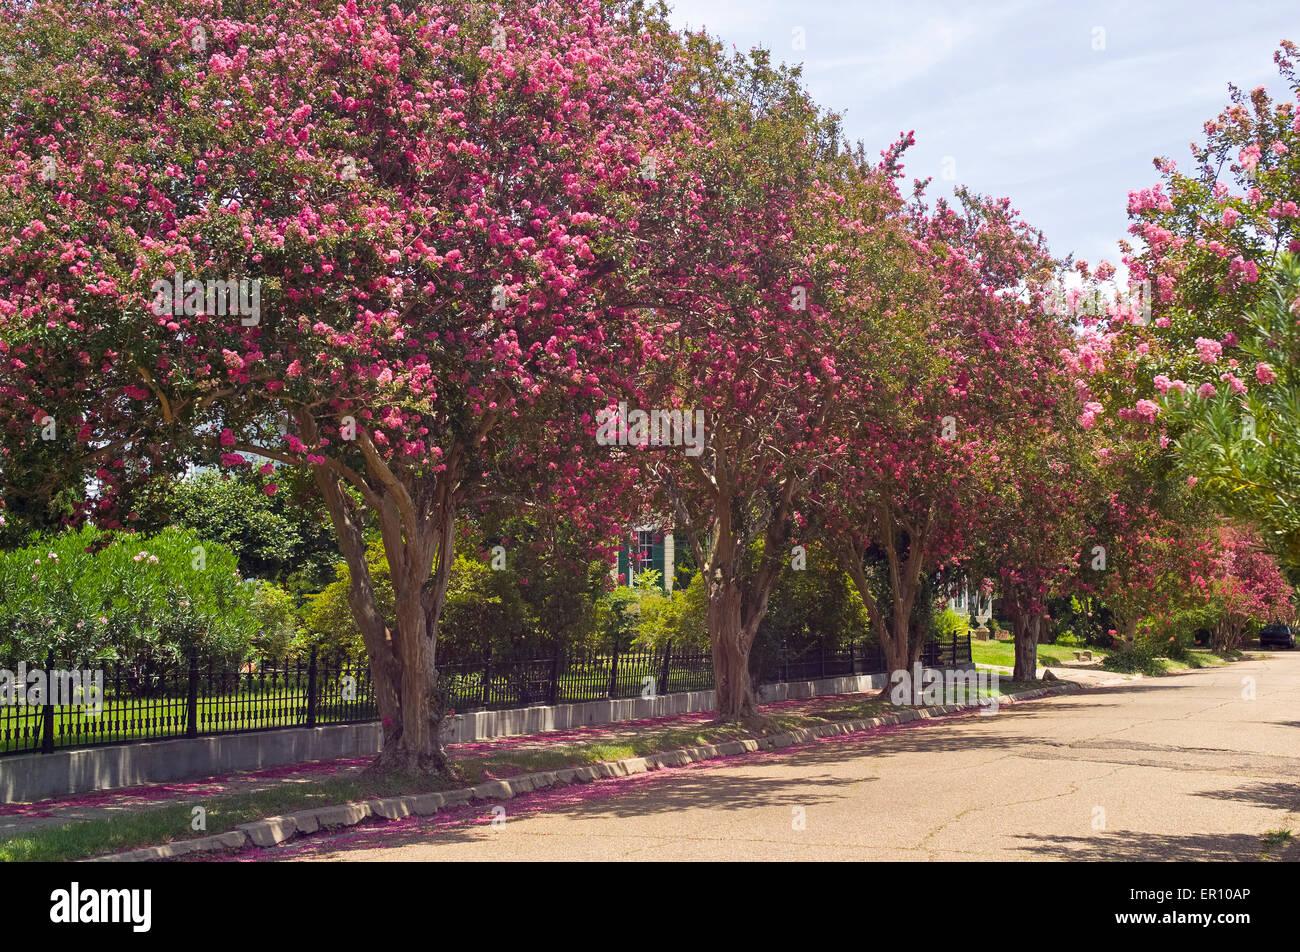 Fioritura arricciato alberi di mirto portare brillanti colori rosa in una tranquilla strada residenziale nel centro Immagini Stock